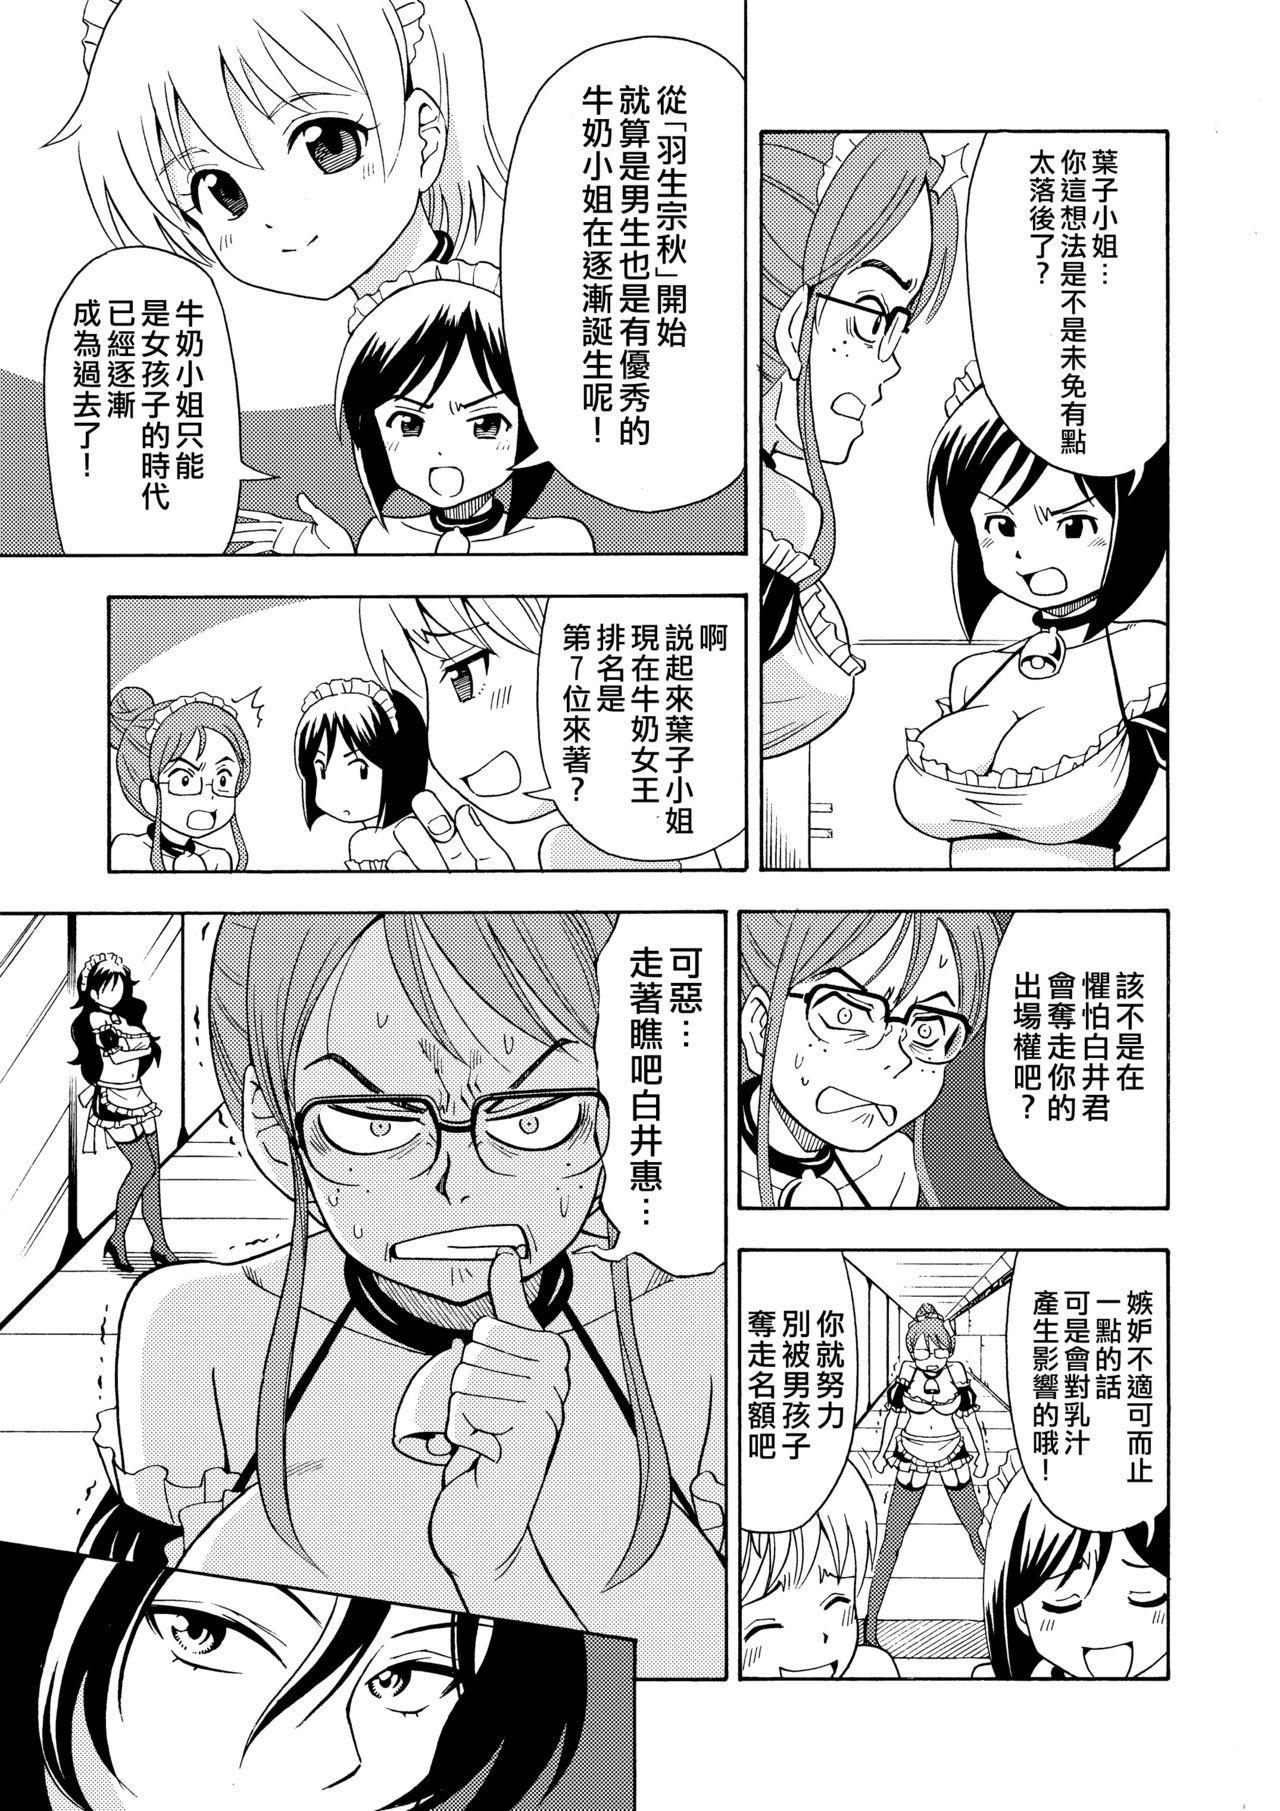 Boku no Milk o Meshiagare 2 9